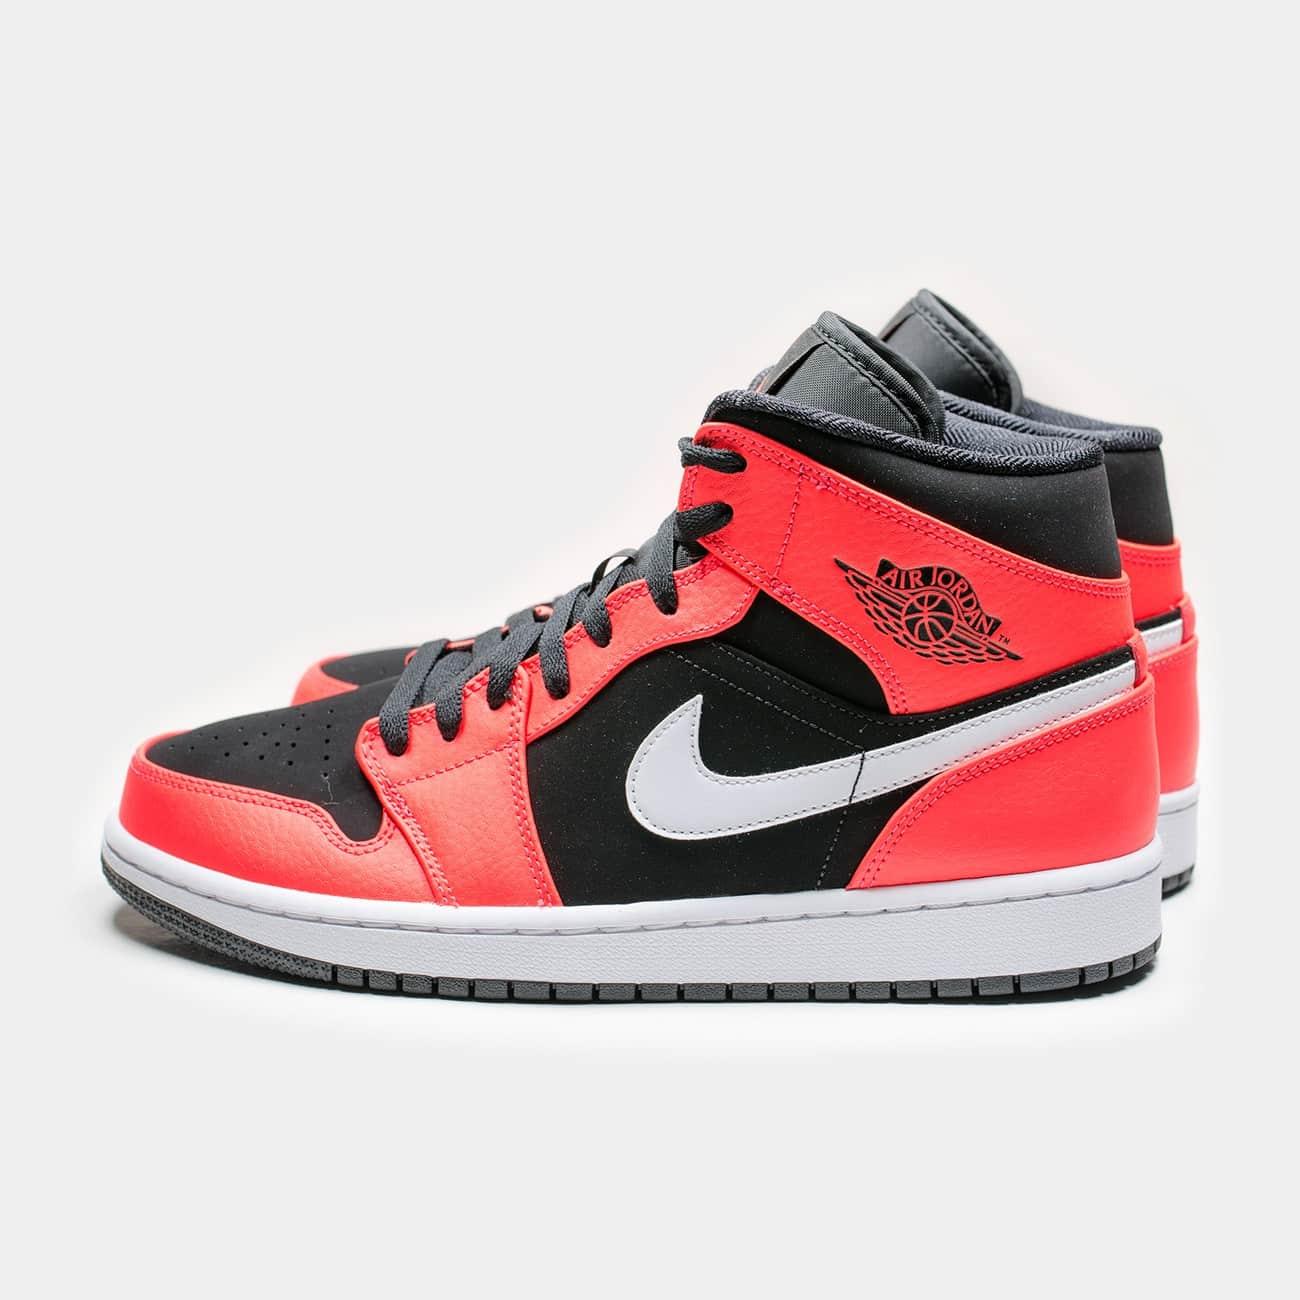 best website 361a5 b4e4f Air Jordan Mid